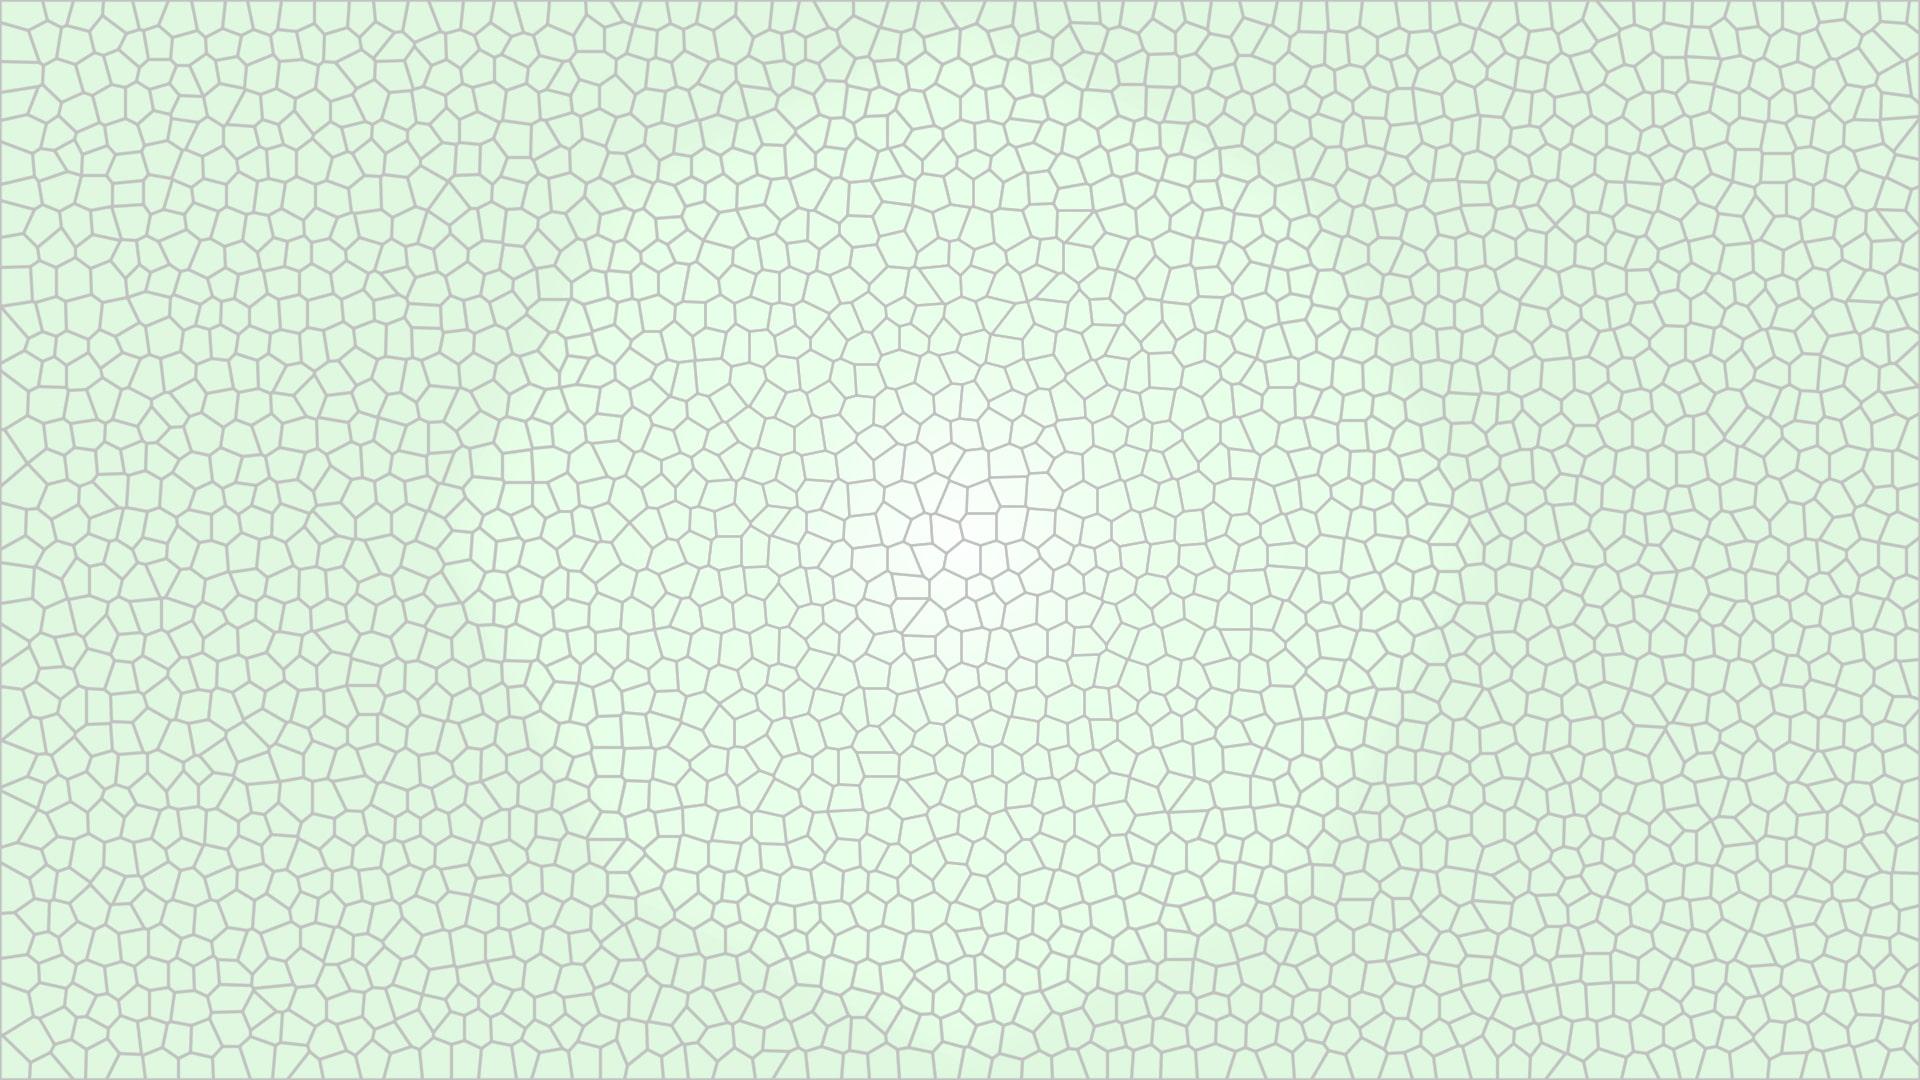 ステンドグラス壁紙背景画像_green